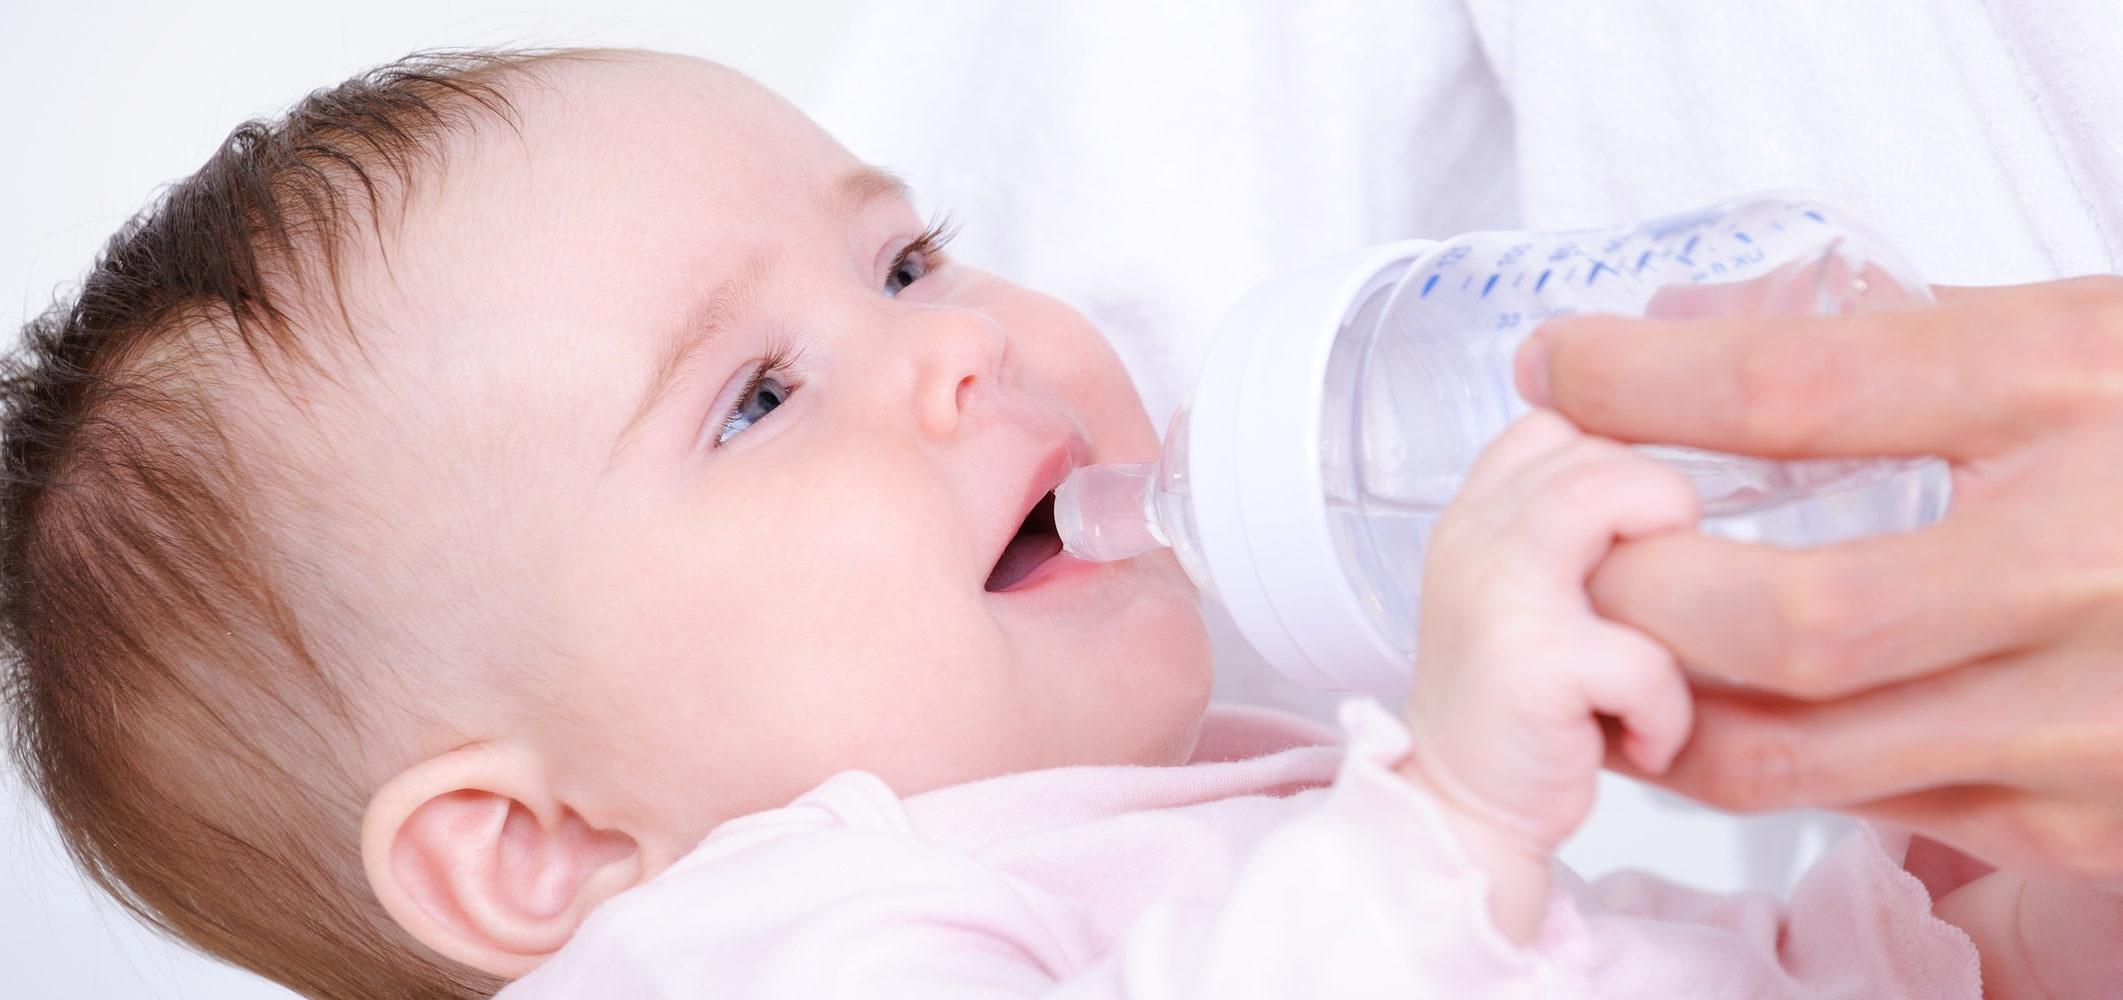 Когда давать воду новорожденному при искусственном вскармливании: нужно ли ее пить грудничку вообще, а также сколько жидкости надо и как правильно поить малыша?